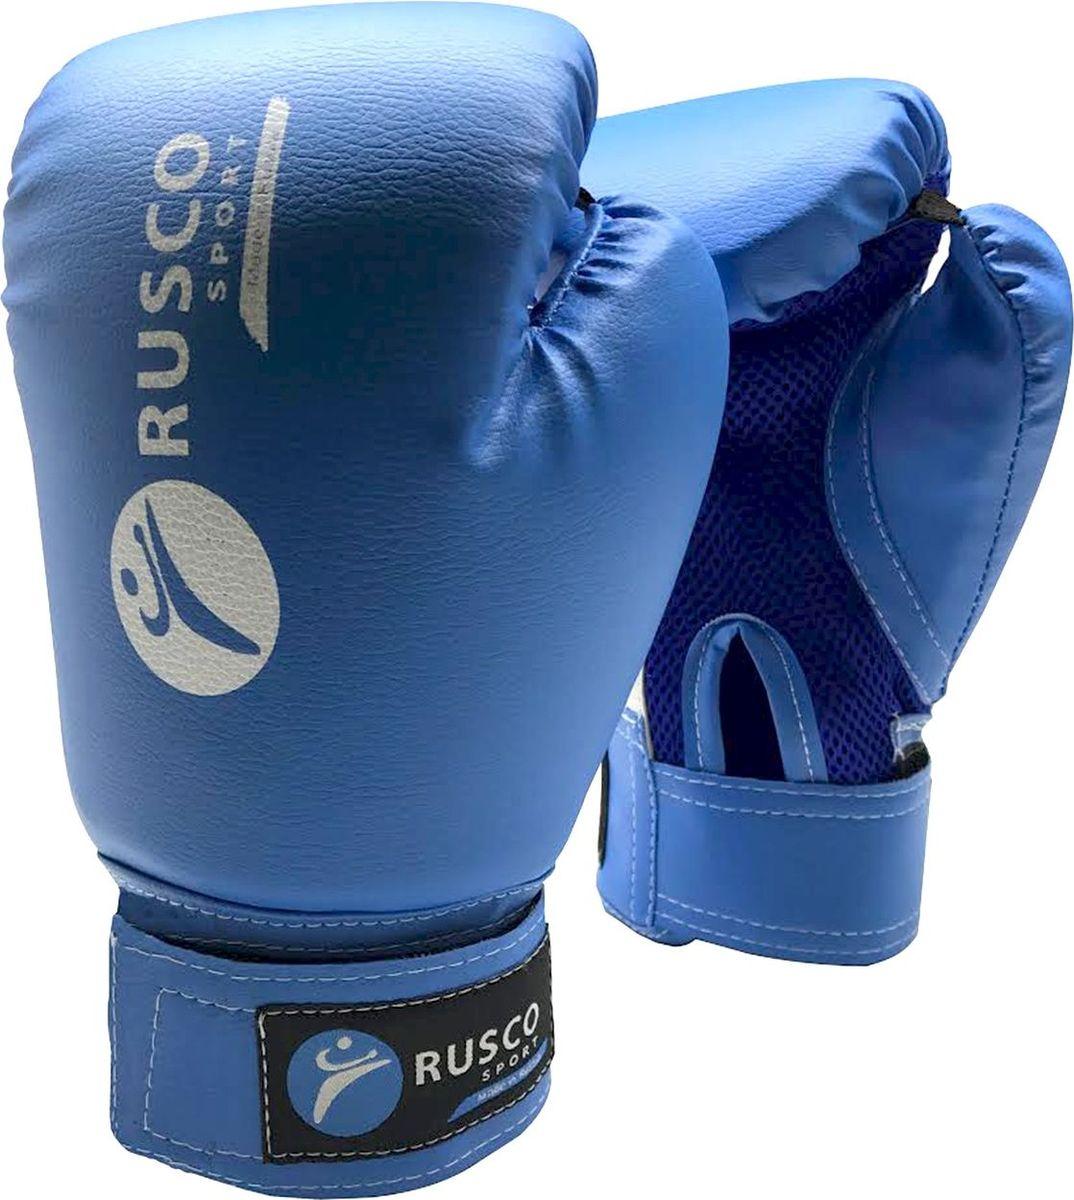 Перчатки боксерские Rusco, цвет: синий. Вес 8 унций перчатки боксерские atemi agbg 001 натуральная кожа серия gel